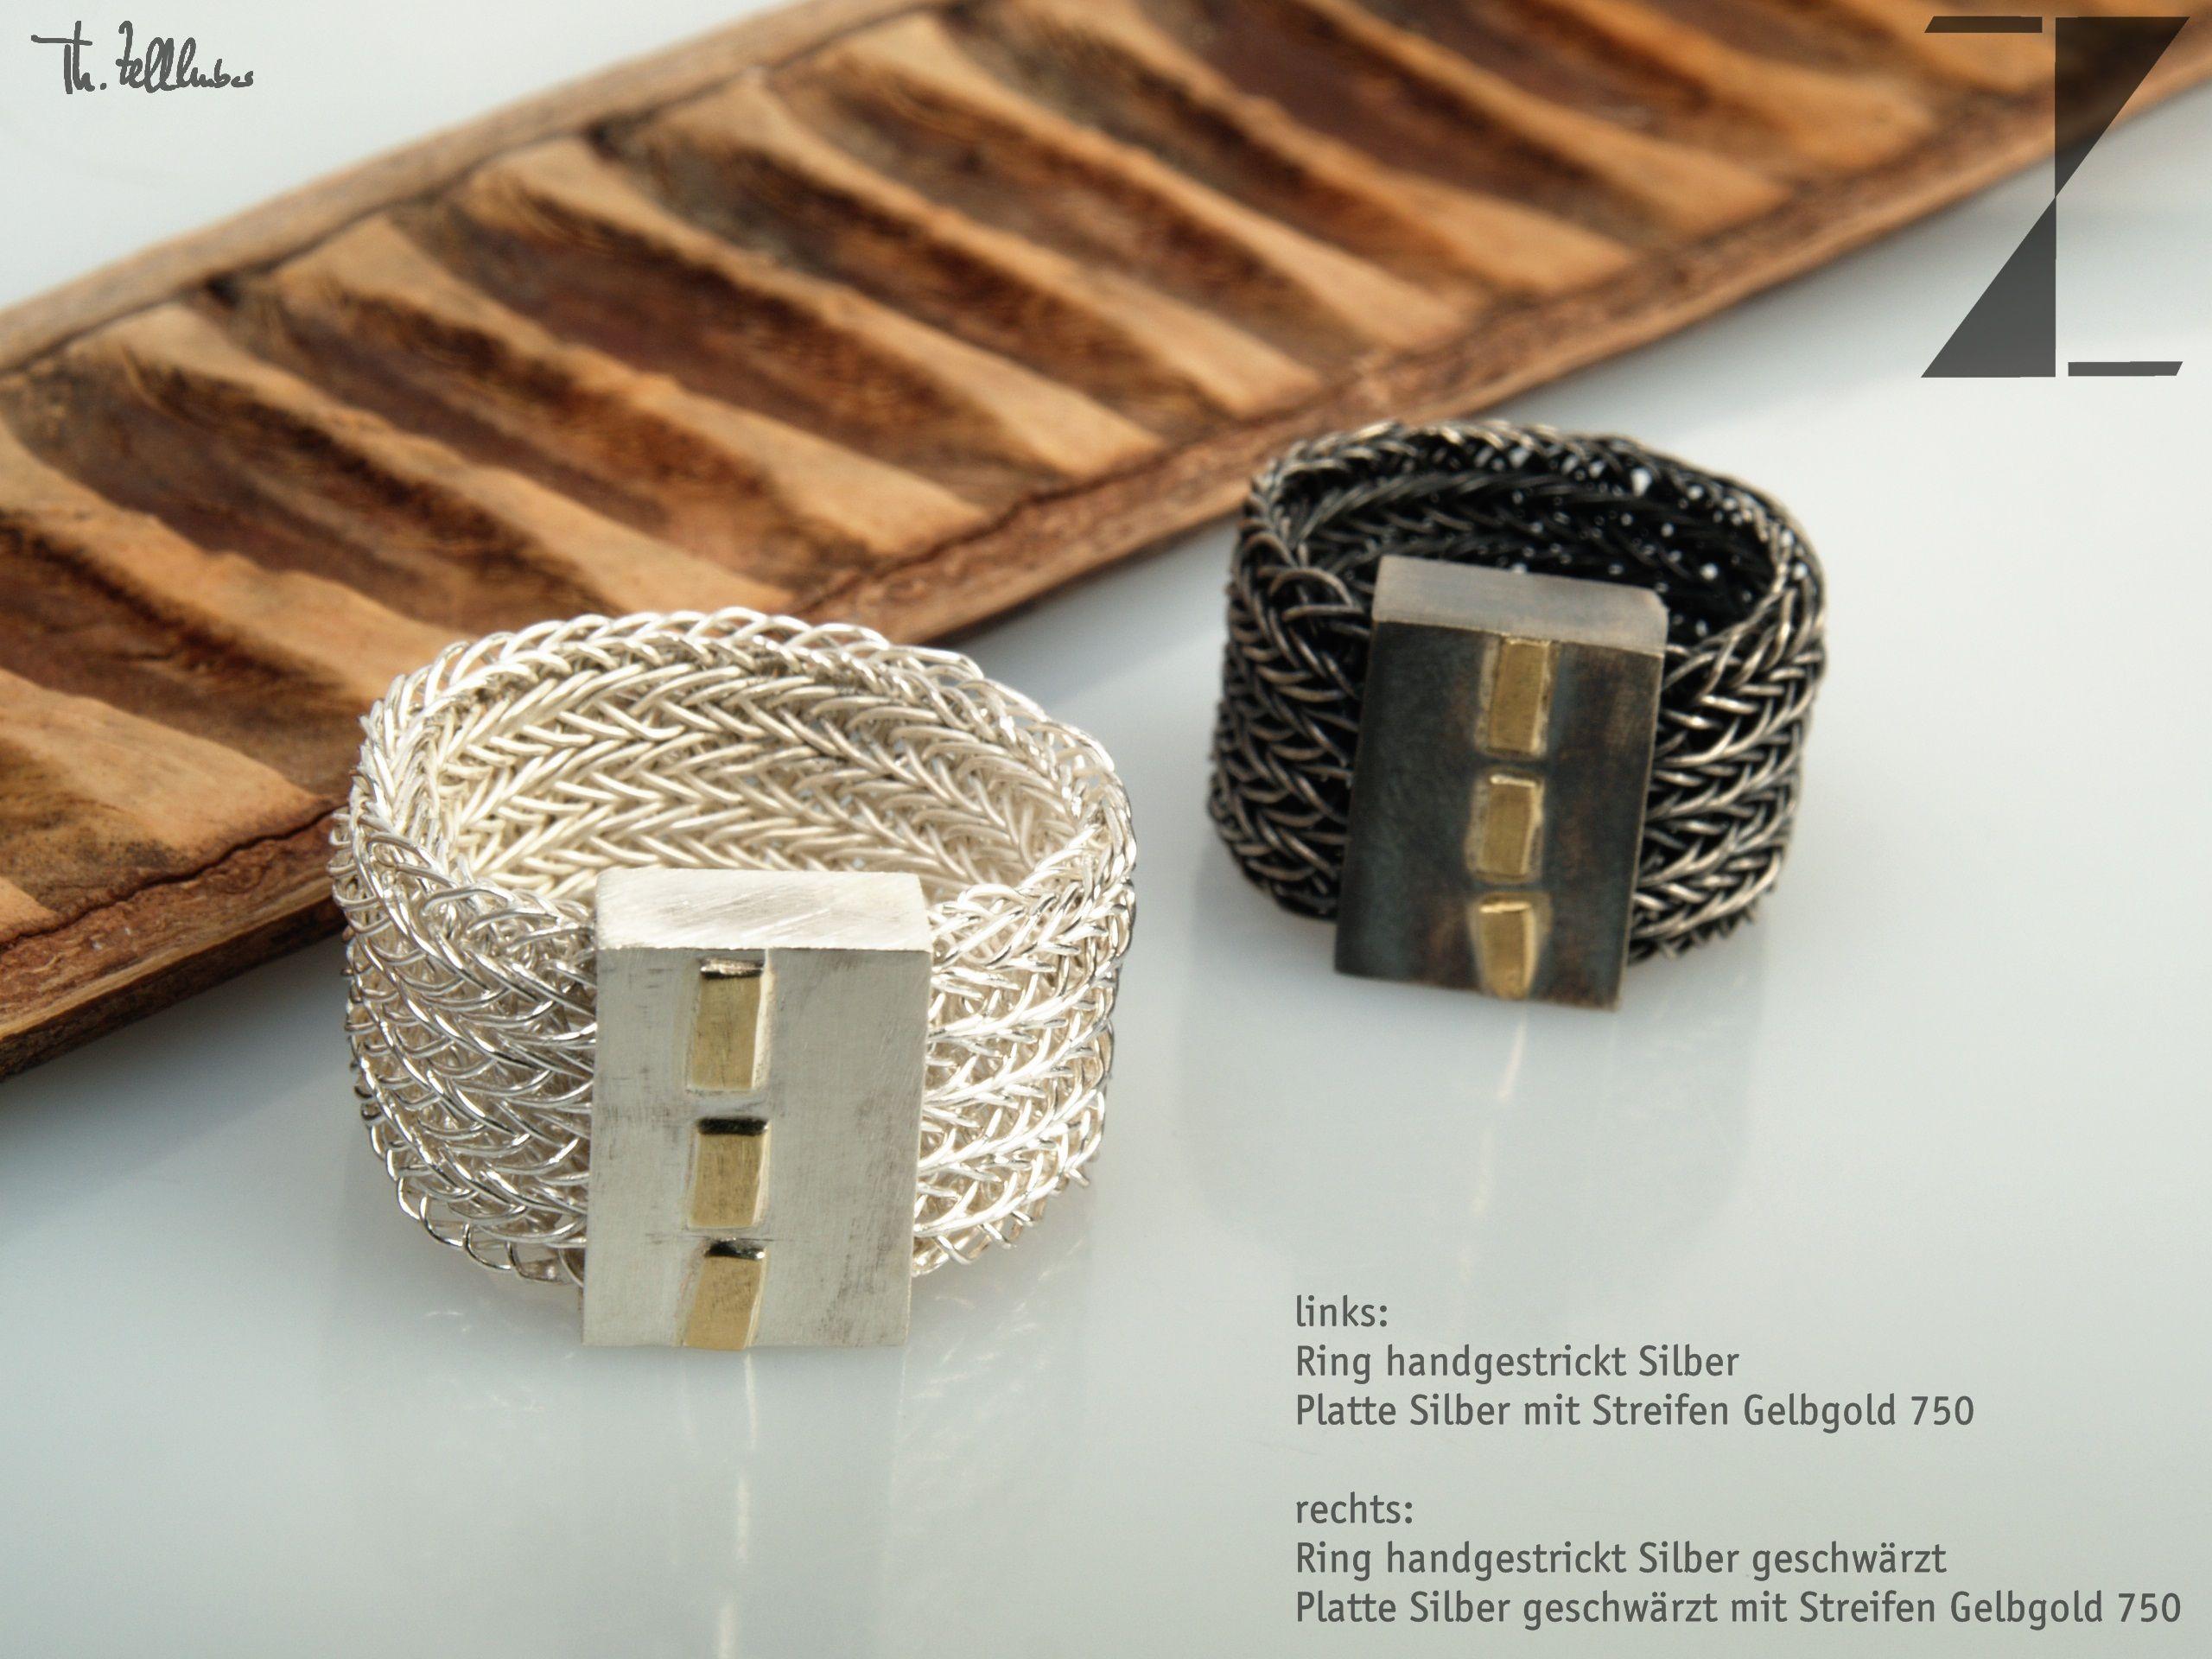 links: Ring handgestrickt Silber, Platte Silber mit Streifen in ...